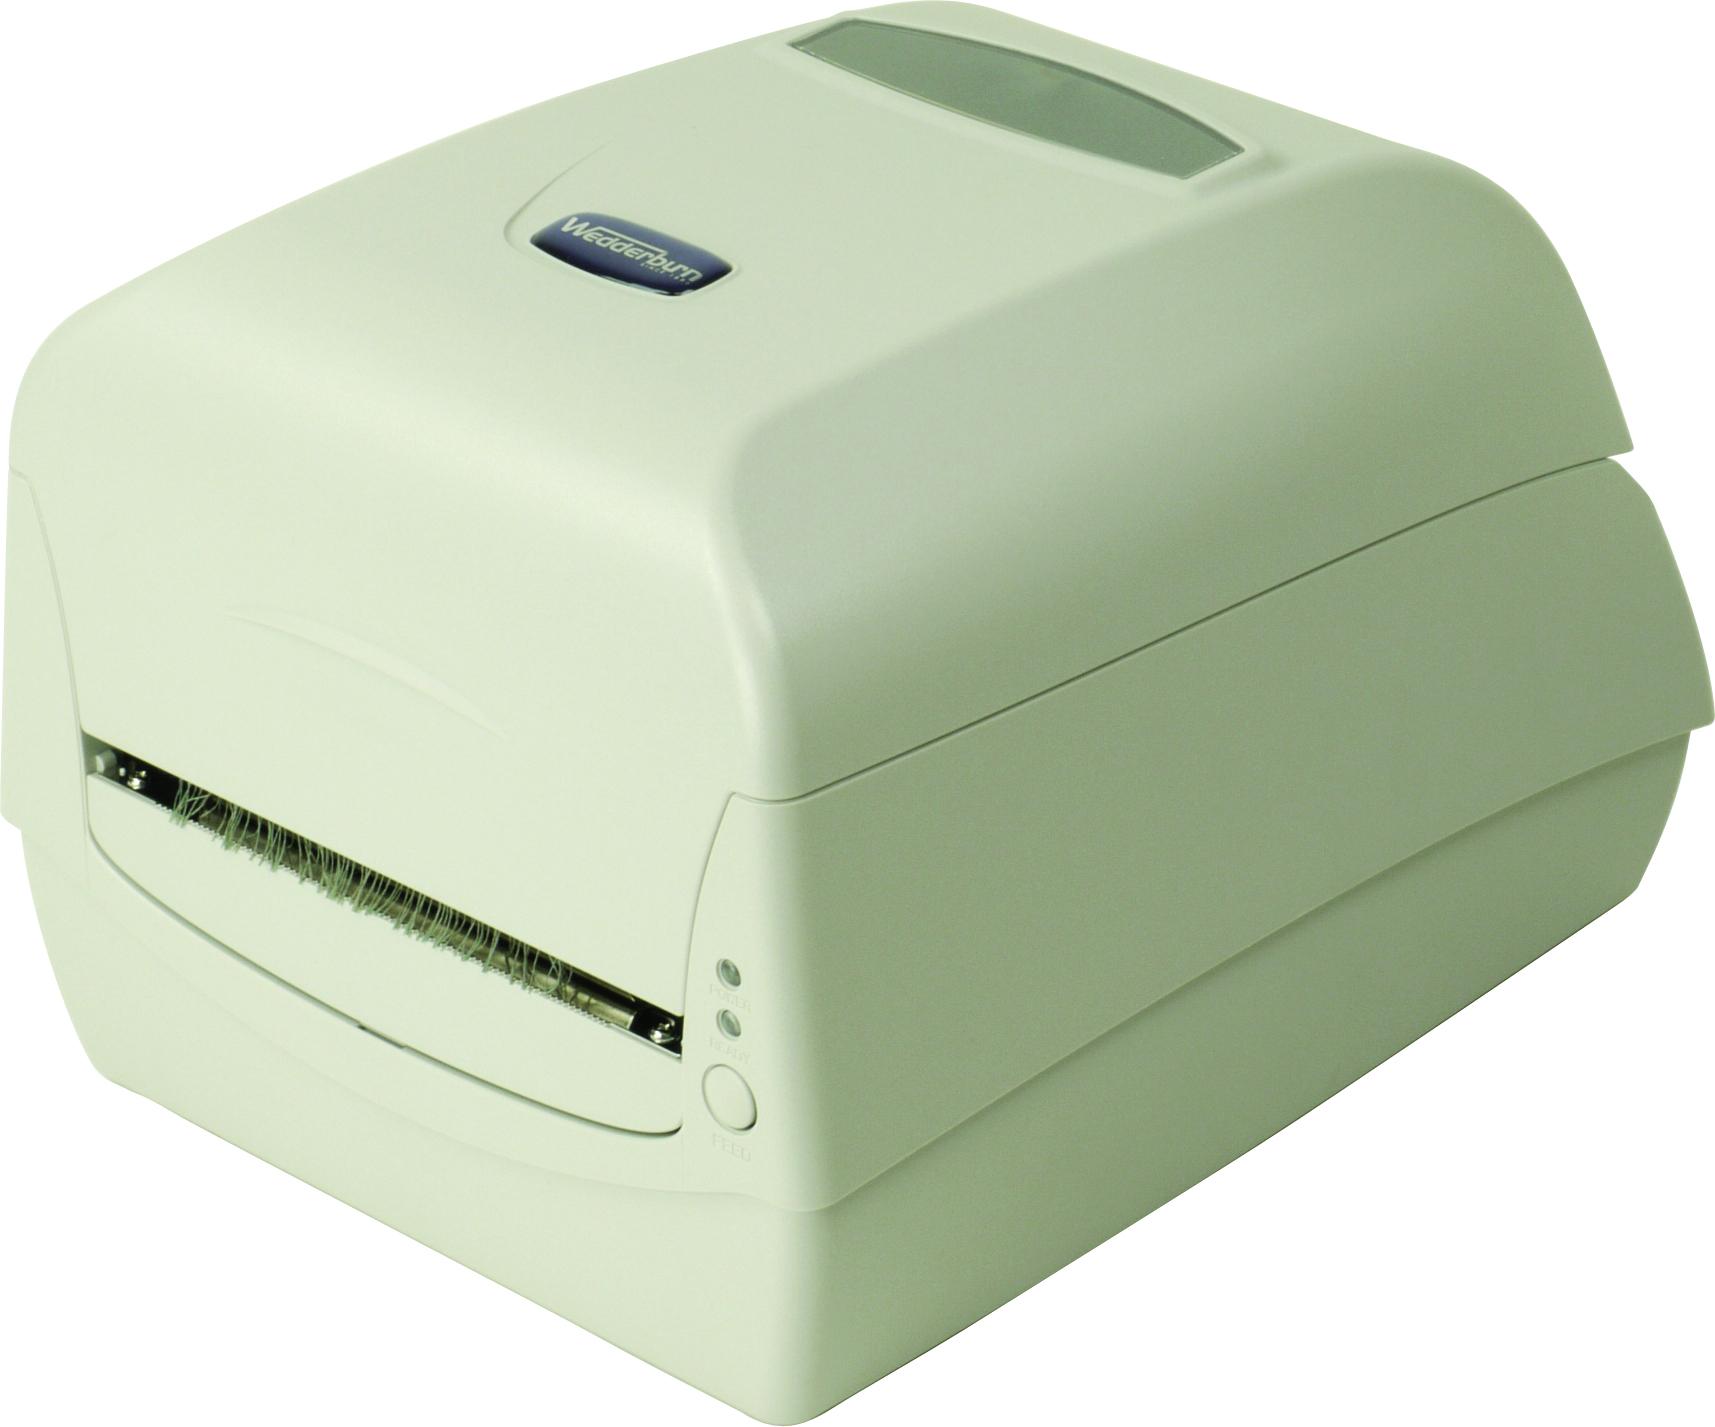 Desktop Thermal Printer